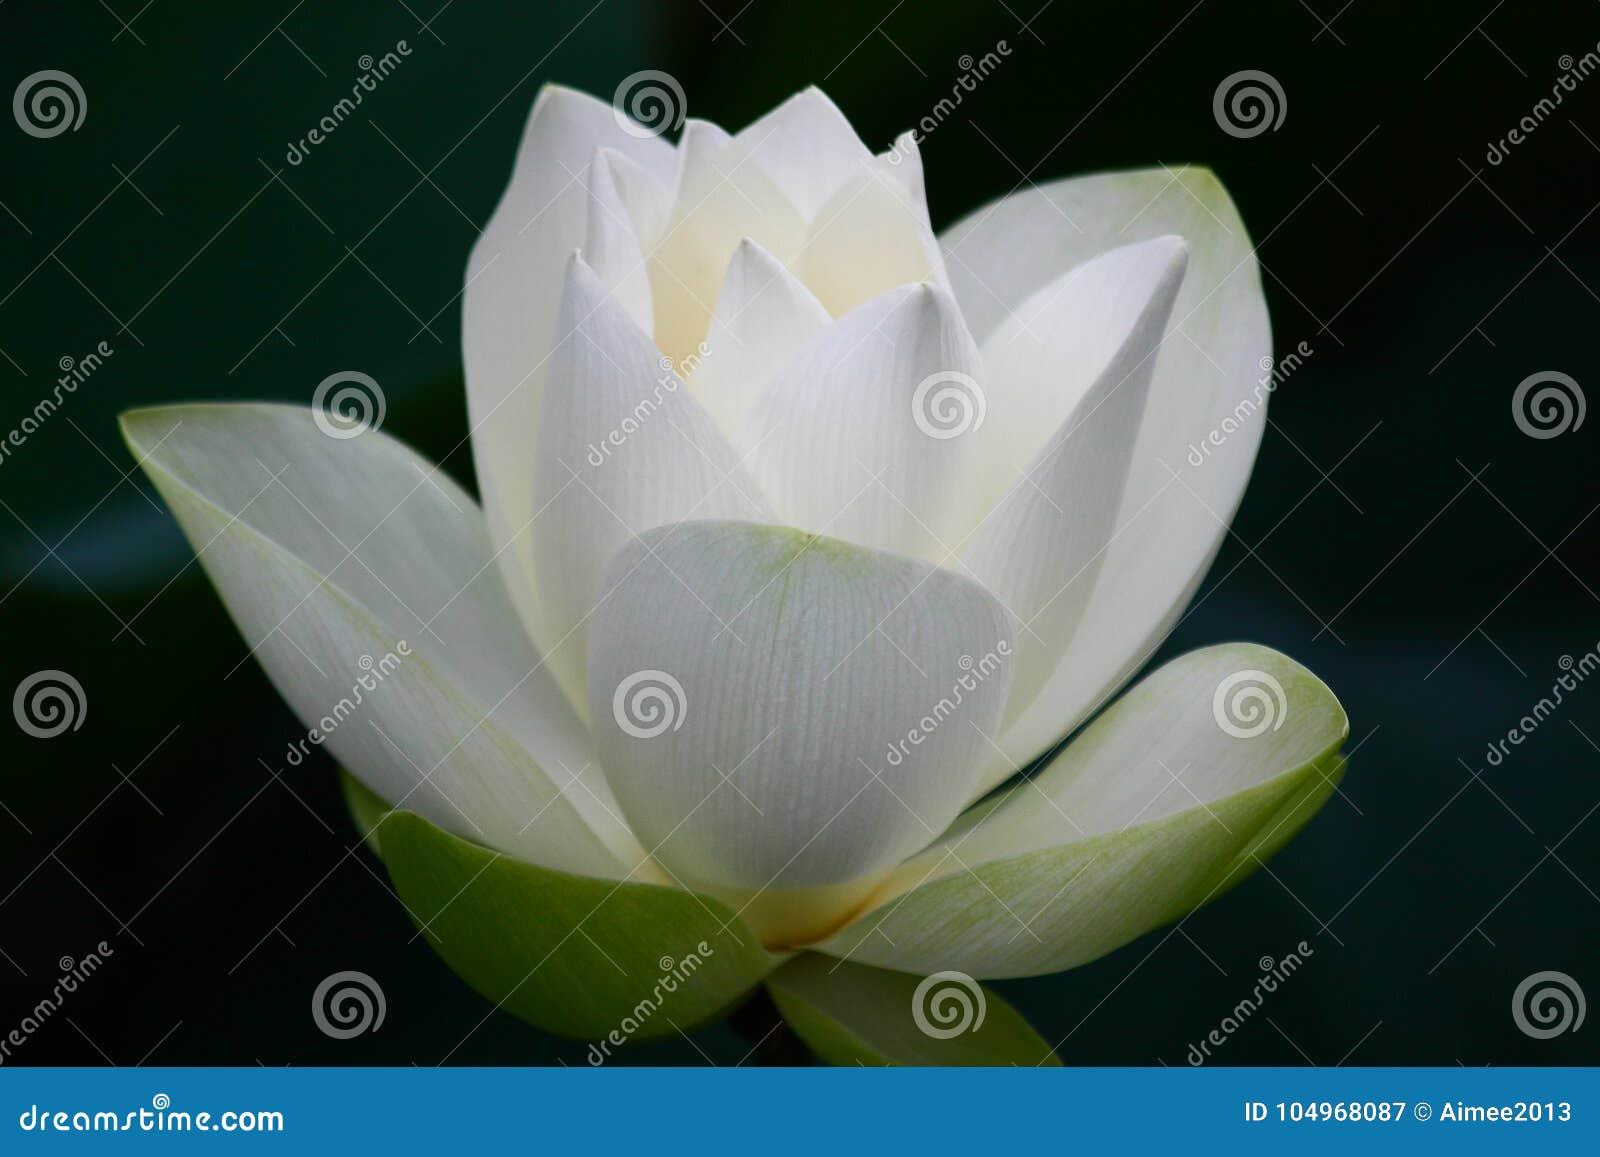 Blume des weißen Lotos